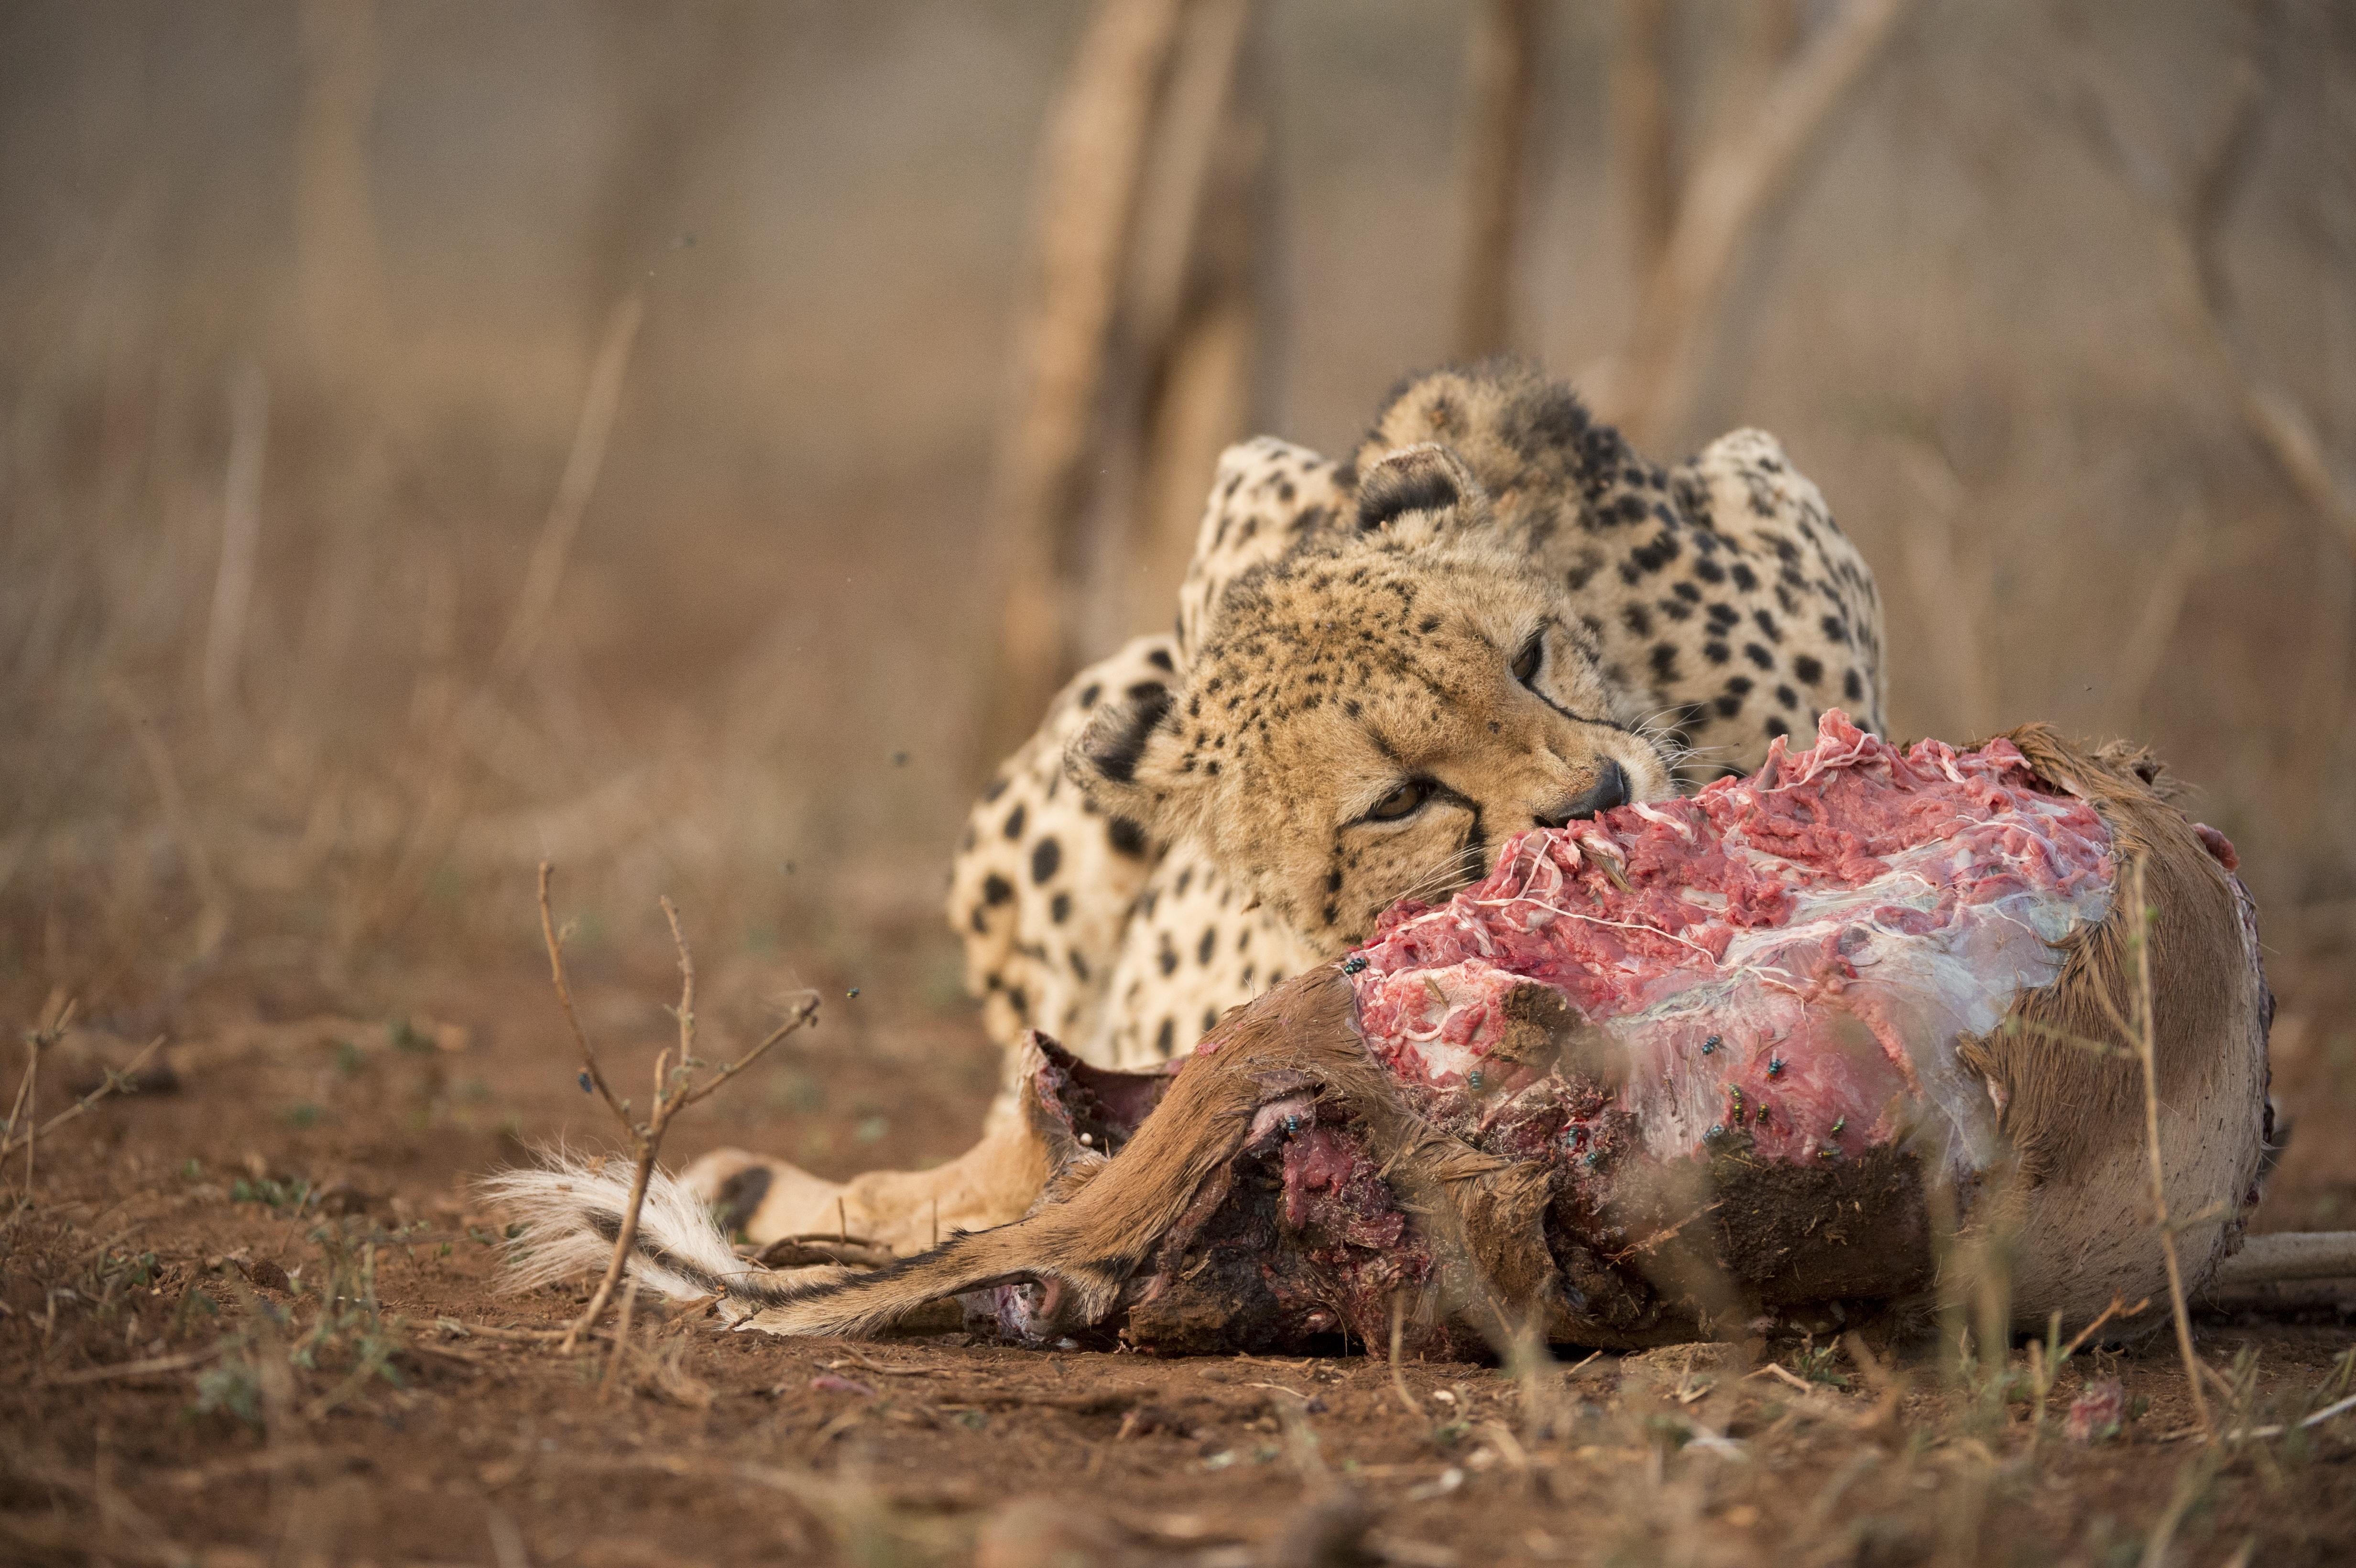 cheetah_dsc2497-2.jpg